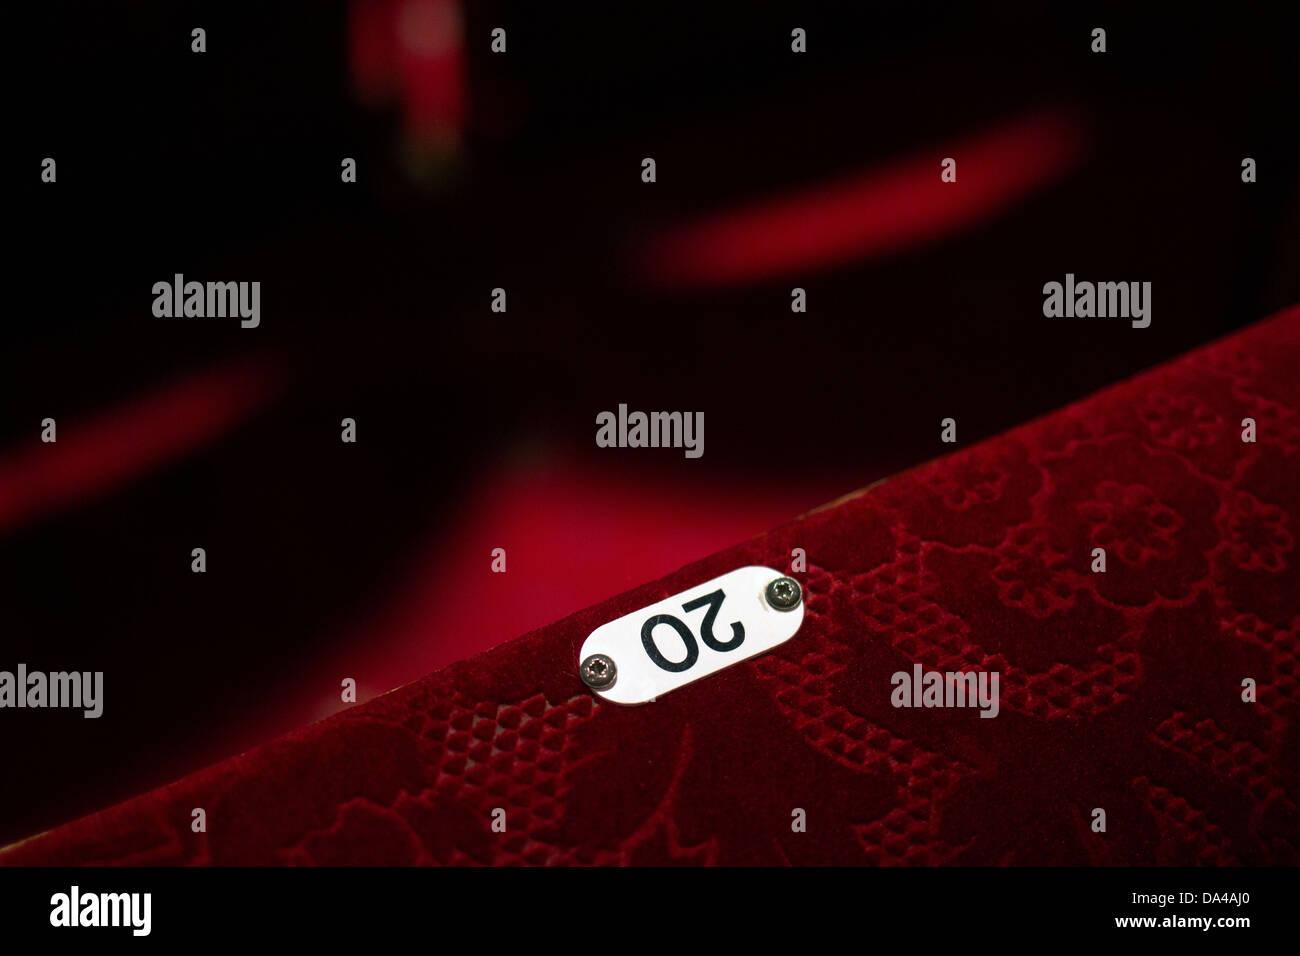 20,Teatro,asiento, asiento del cine, el teatro, la silla, rojo, auditorio, número 20, estilos arquitectónicos, contemporáneo,20, diseño,rojo Foto de stock